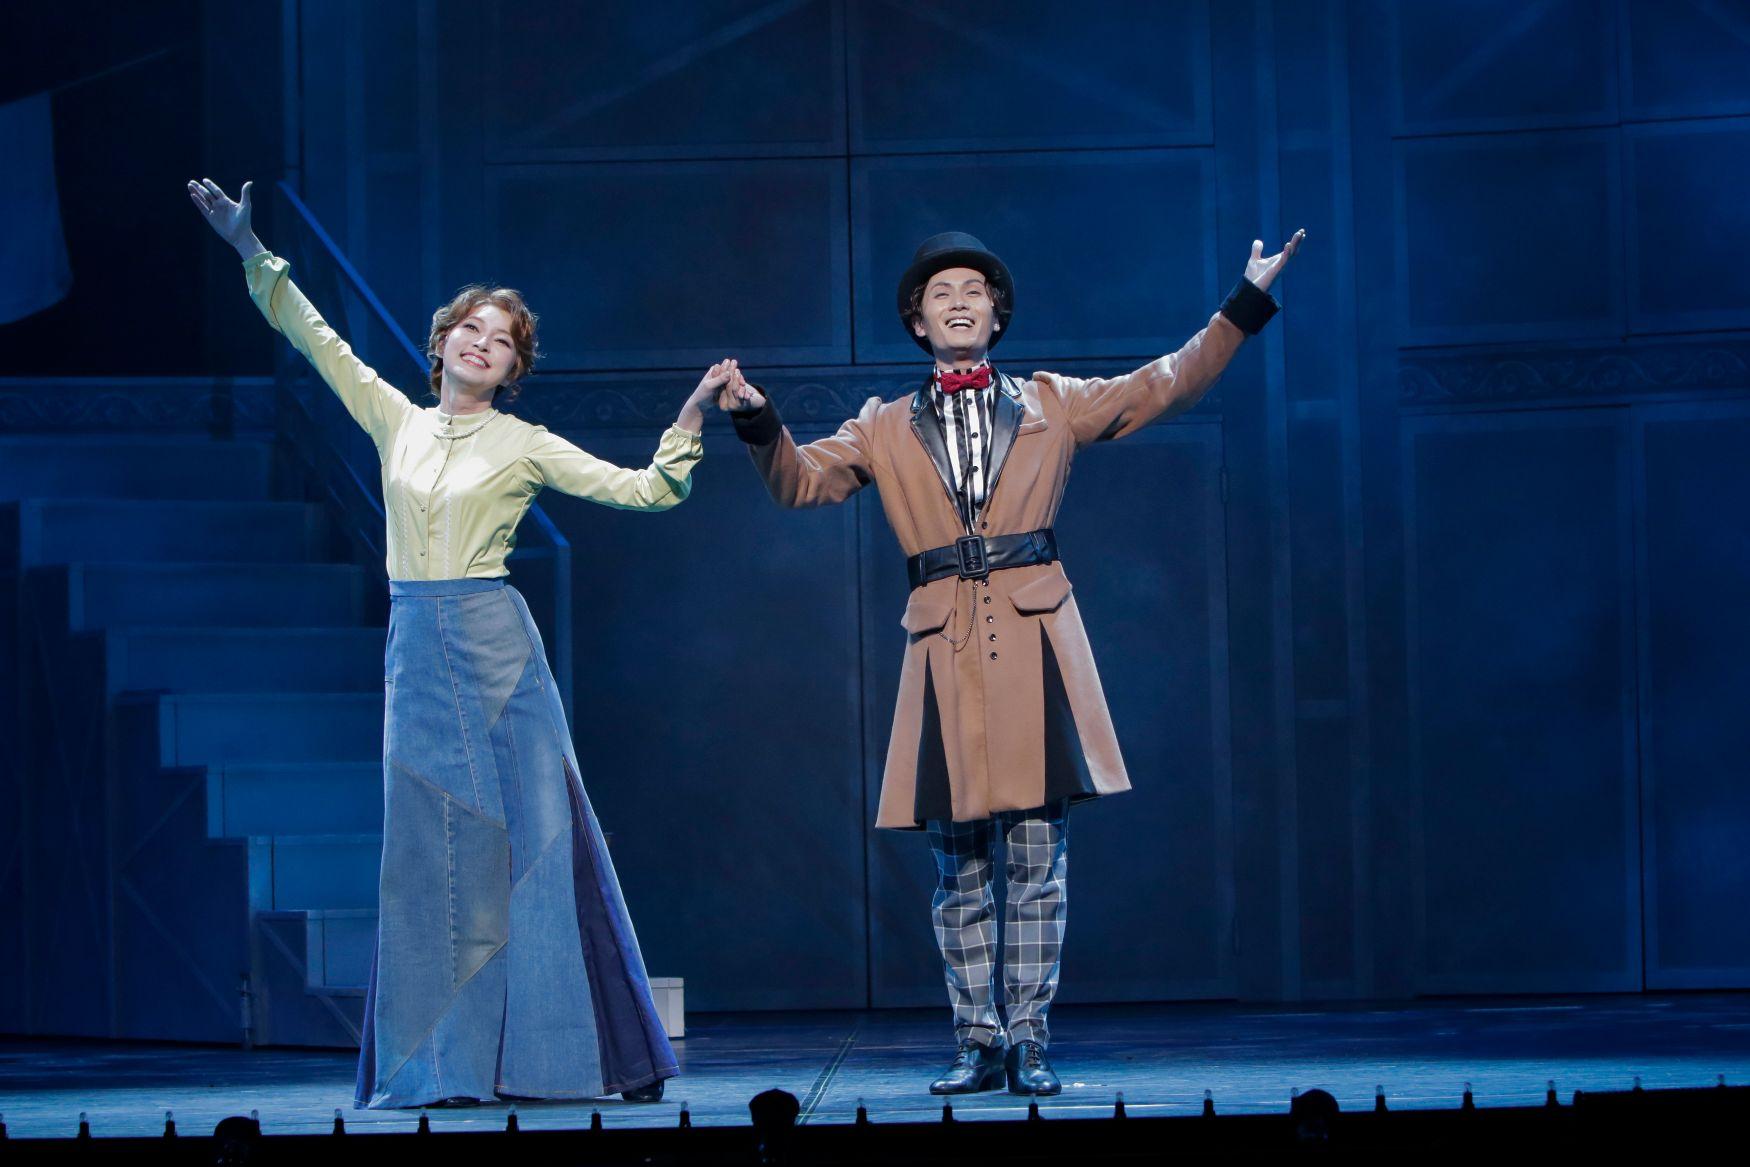 加藤和樹「幸せと喜びを与えられる作品を」 華やかで心躍るミュージカル『BARNUM』開幕 イメージ画像